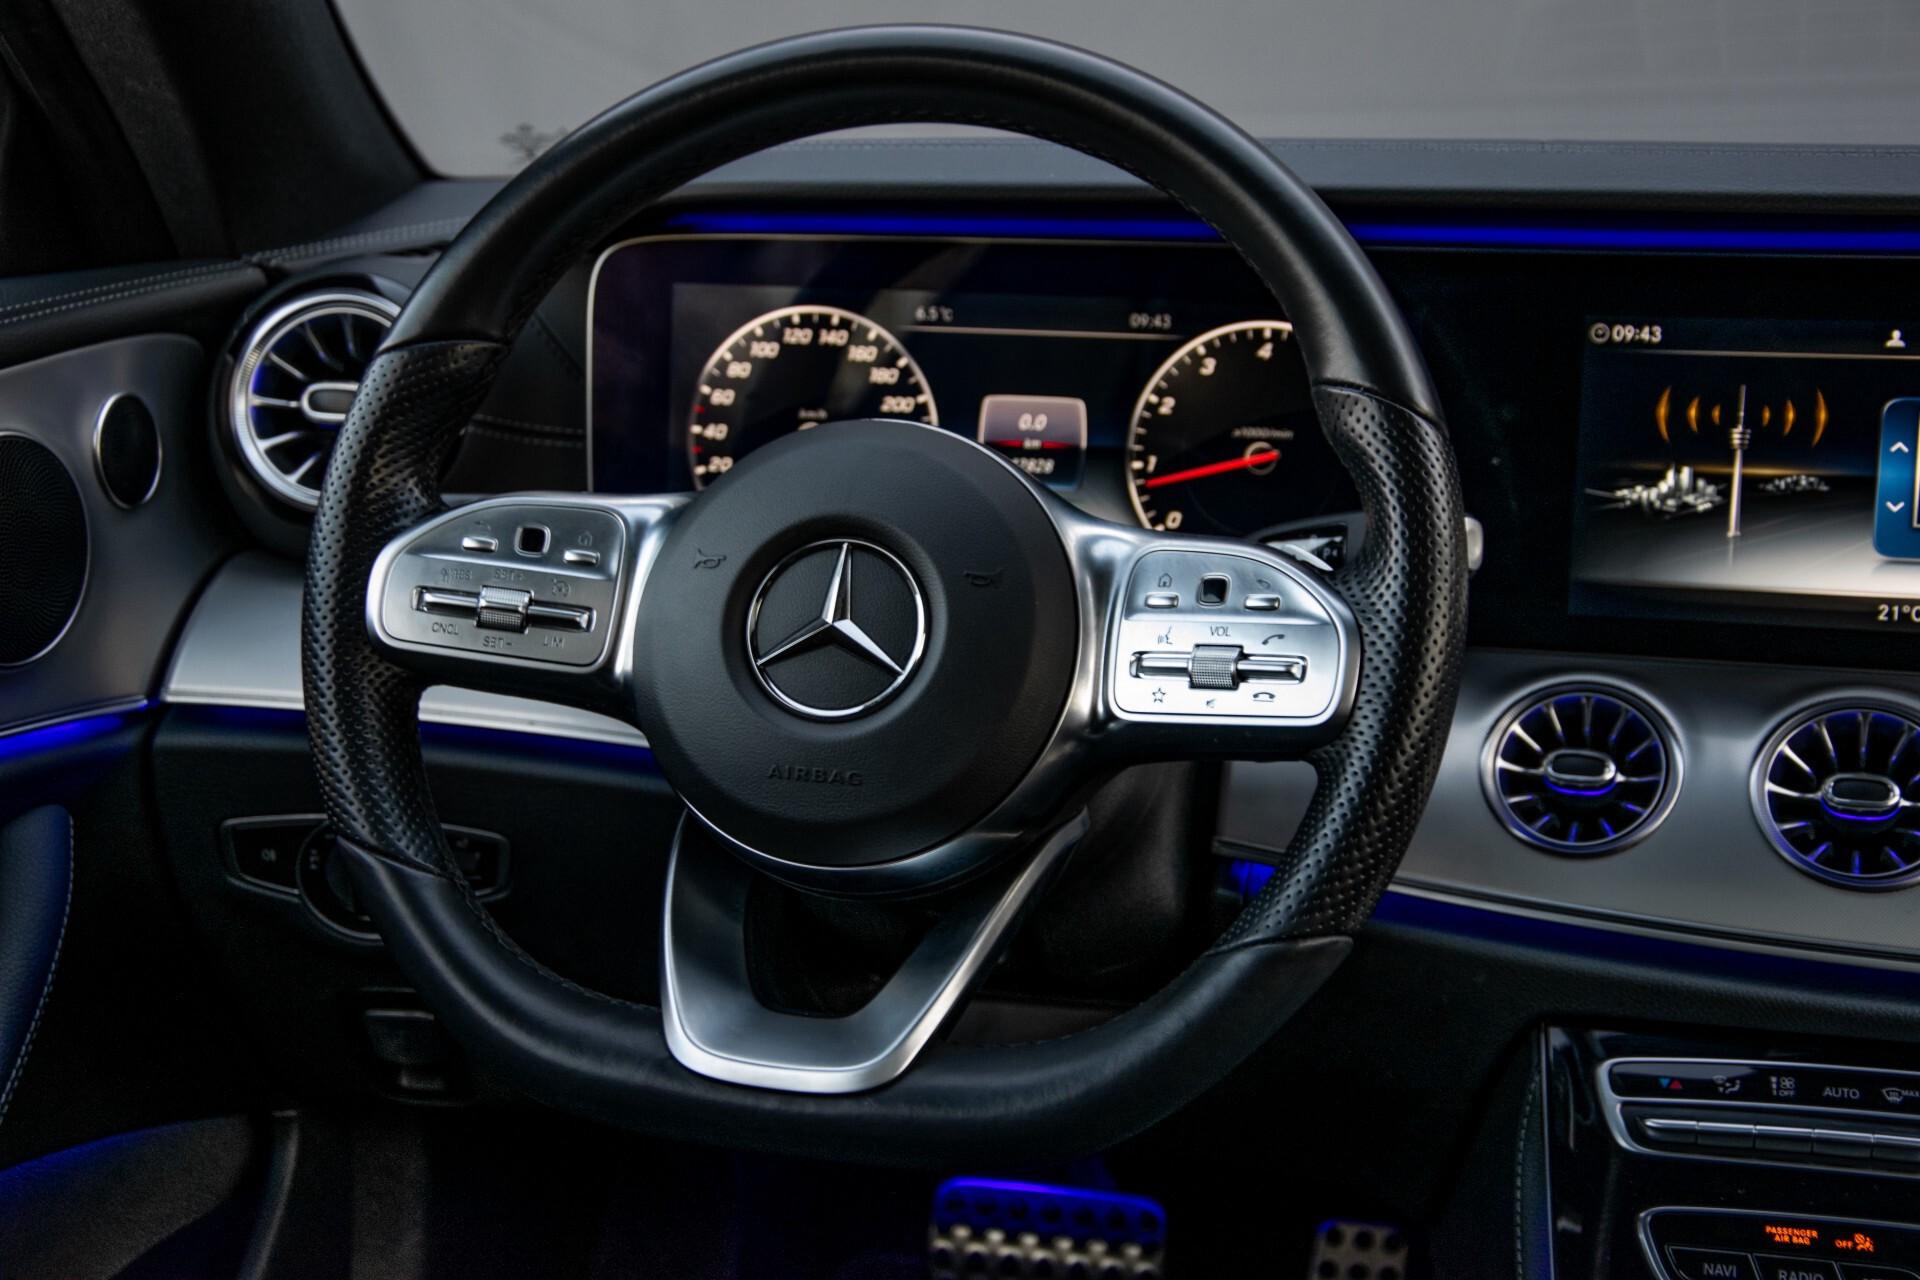 Mercedes-Benz E-Klasse Coupé 200 AMG Panorama/Night/Carbon/Premium/Widescreen/ILS Aut9 Foto 7